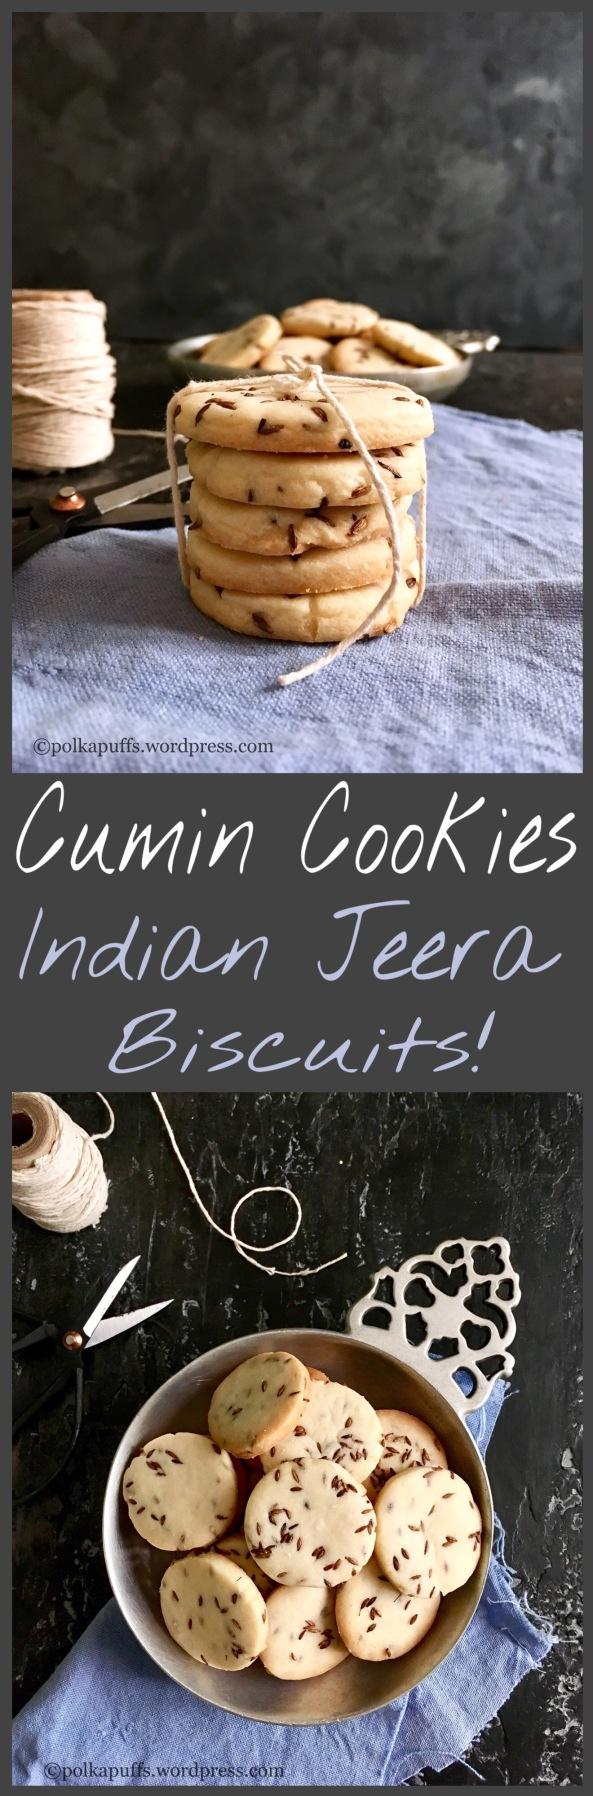 Cumin cookies   jeera biscuits